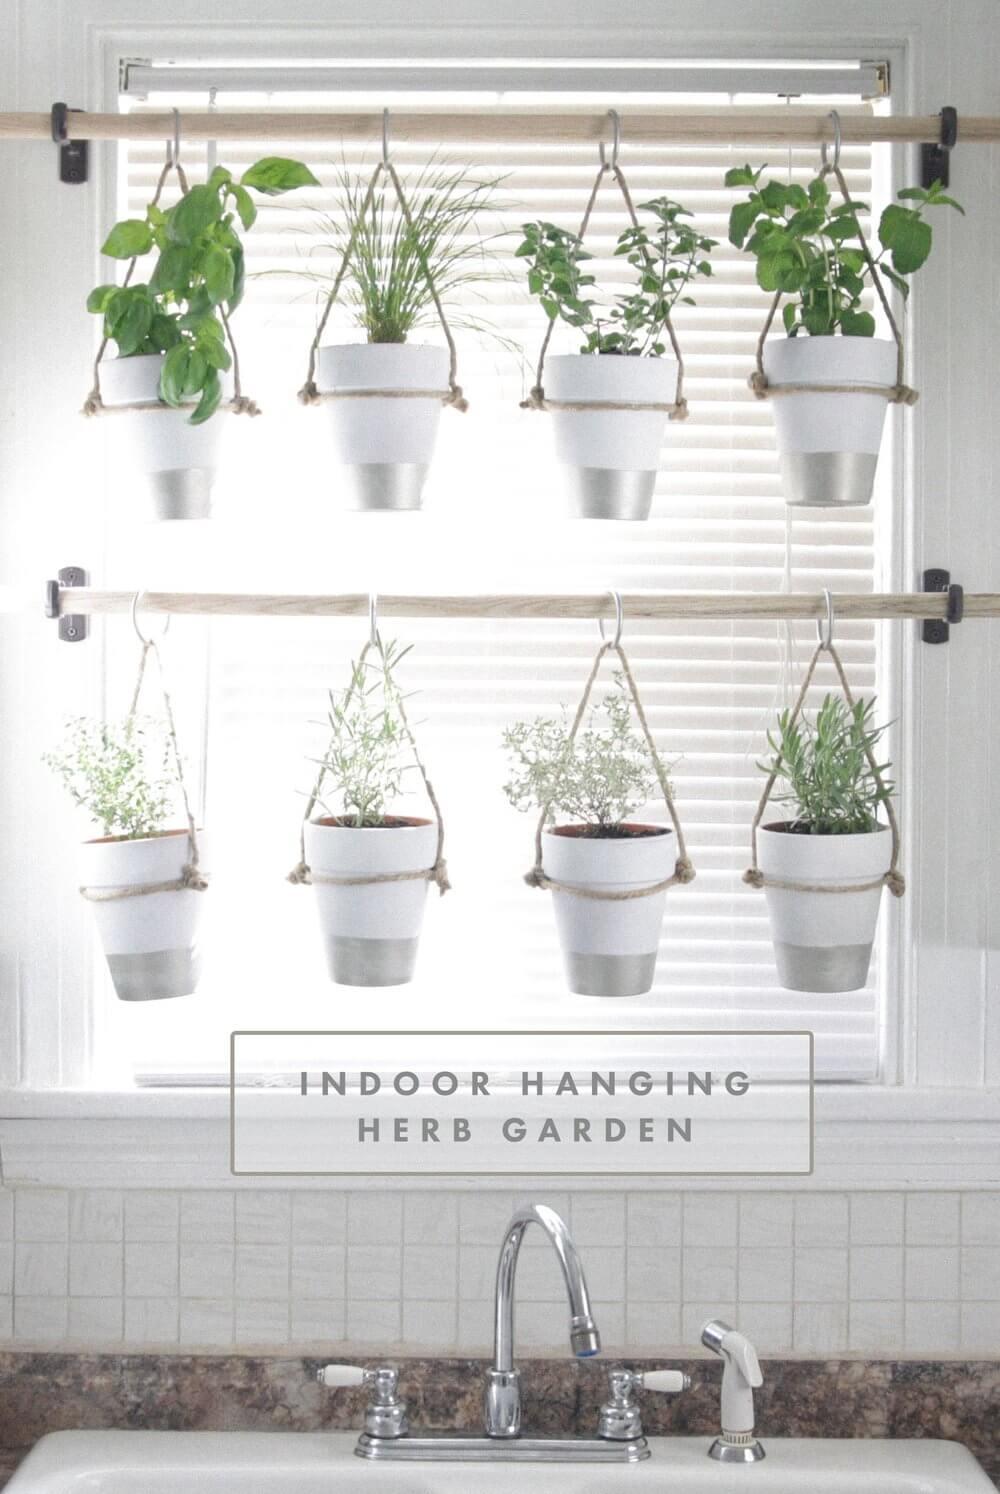 originales y creativos jardines hierbas 17